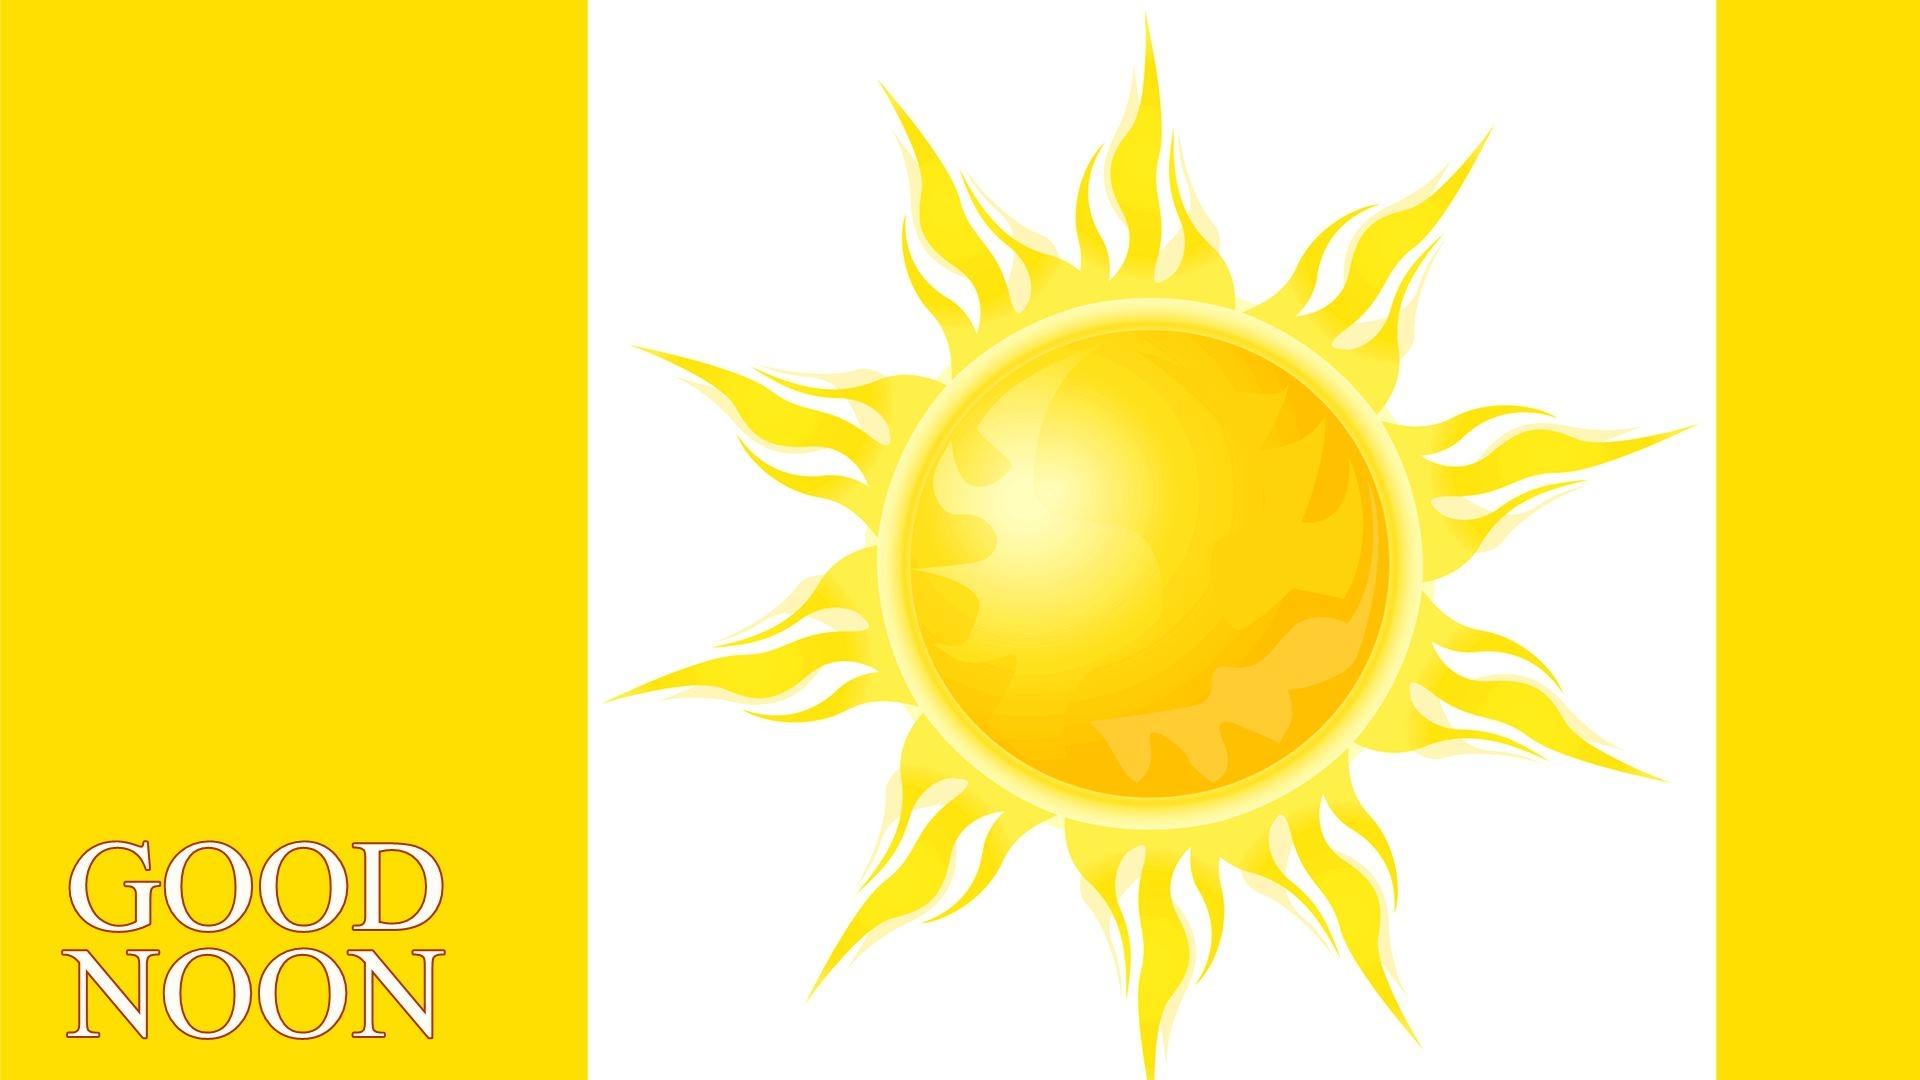 Heat clipart noon Noon Good com clipartsgram Sun